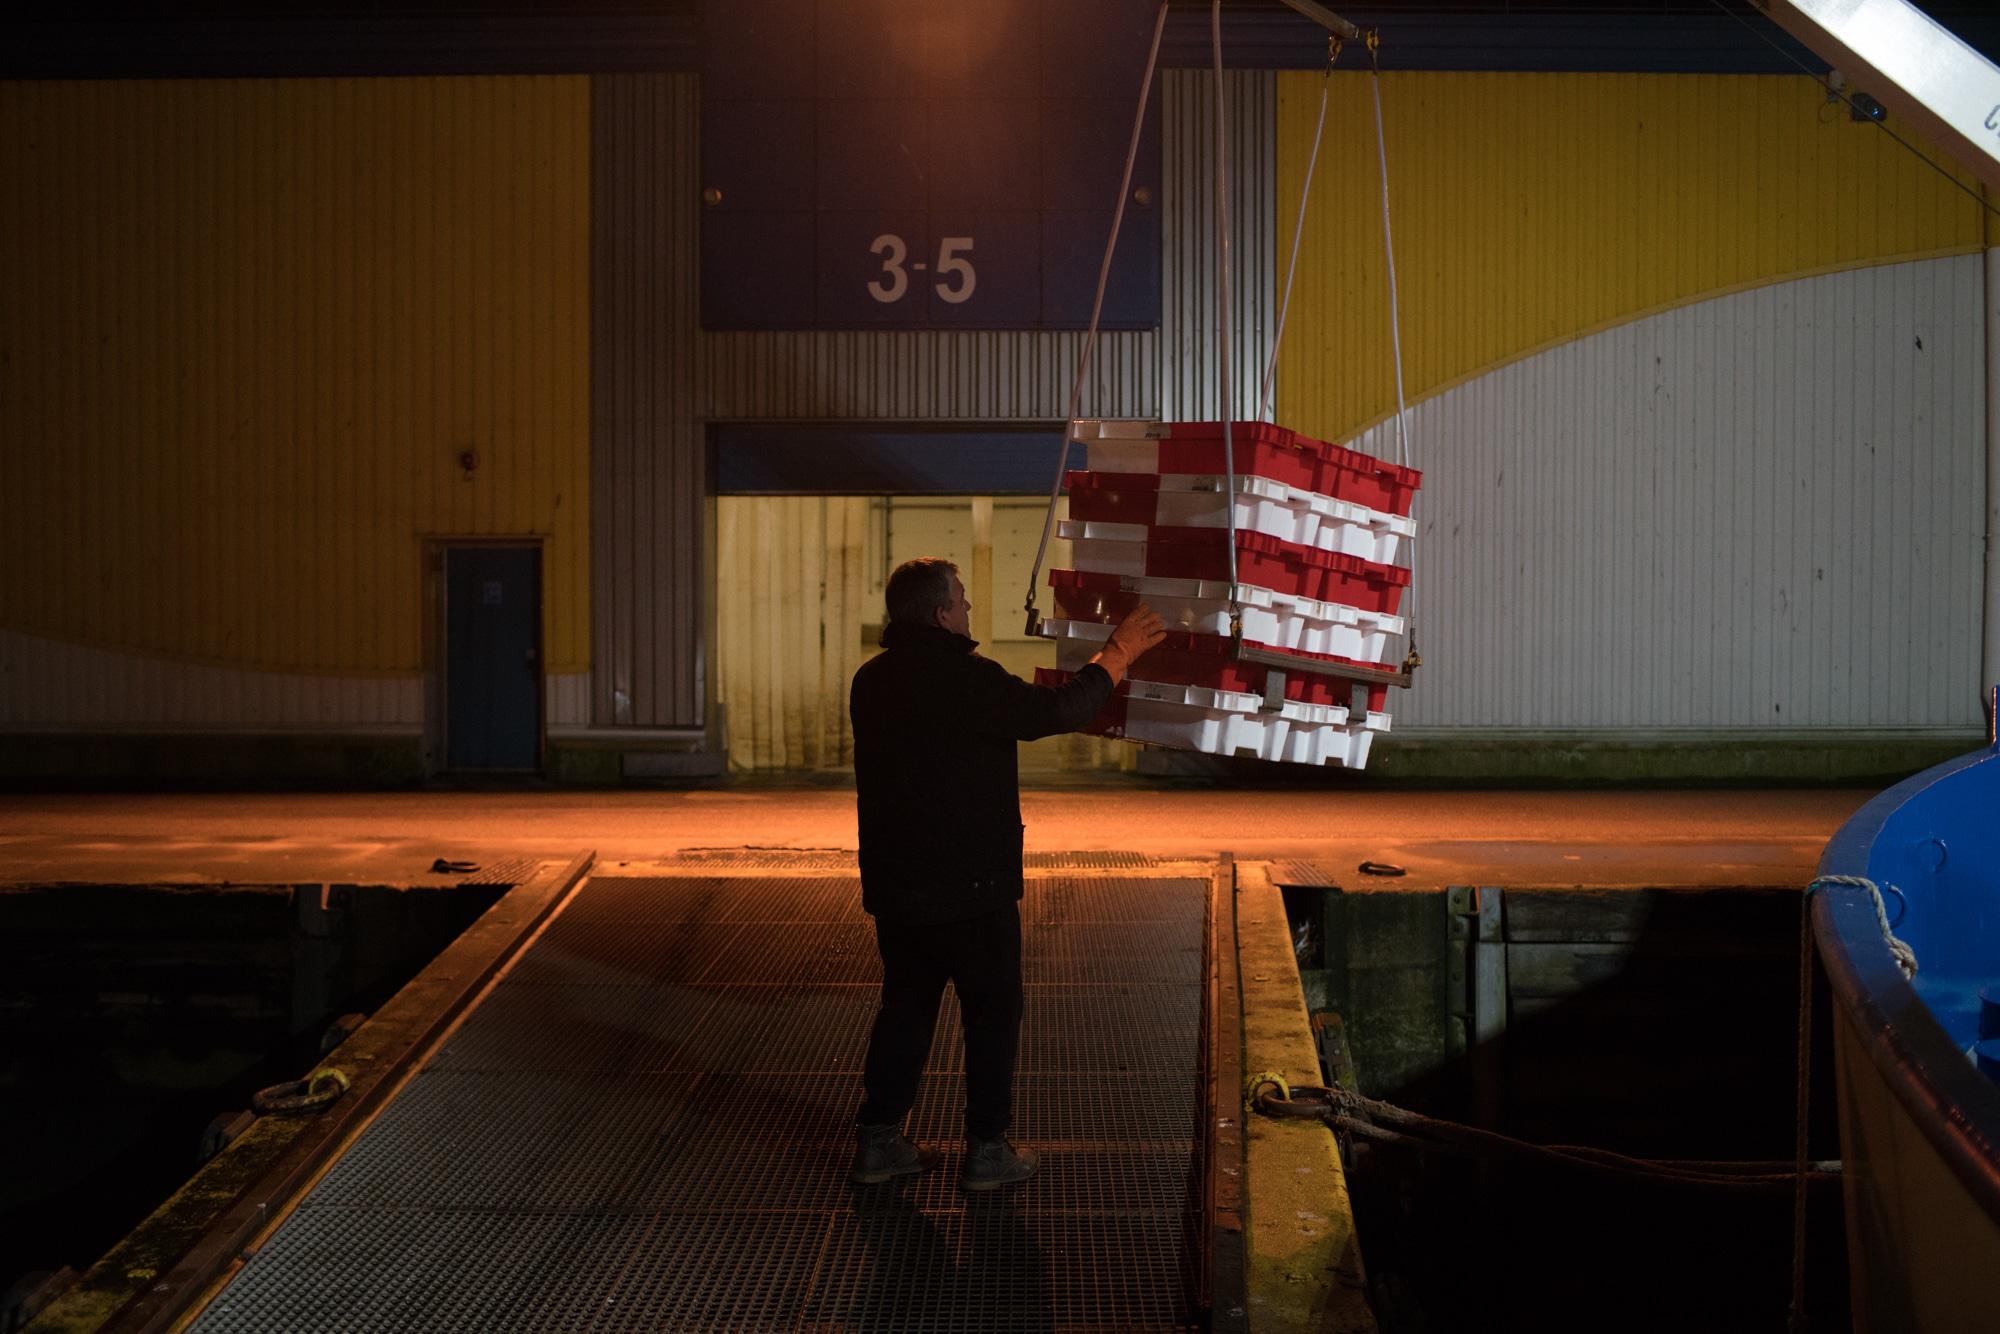 Sur le quai, une personne réceptionne les caisses portées par la grue.